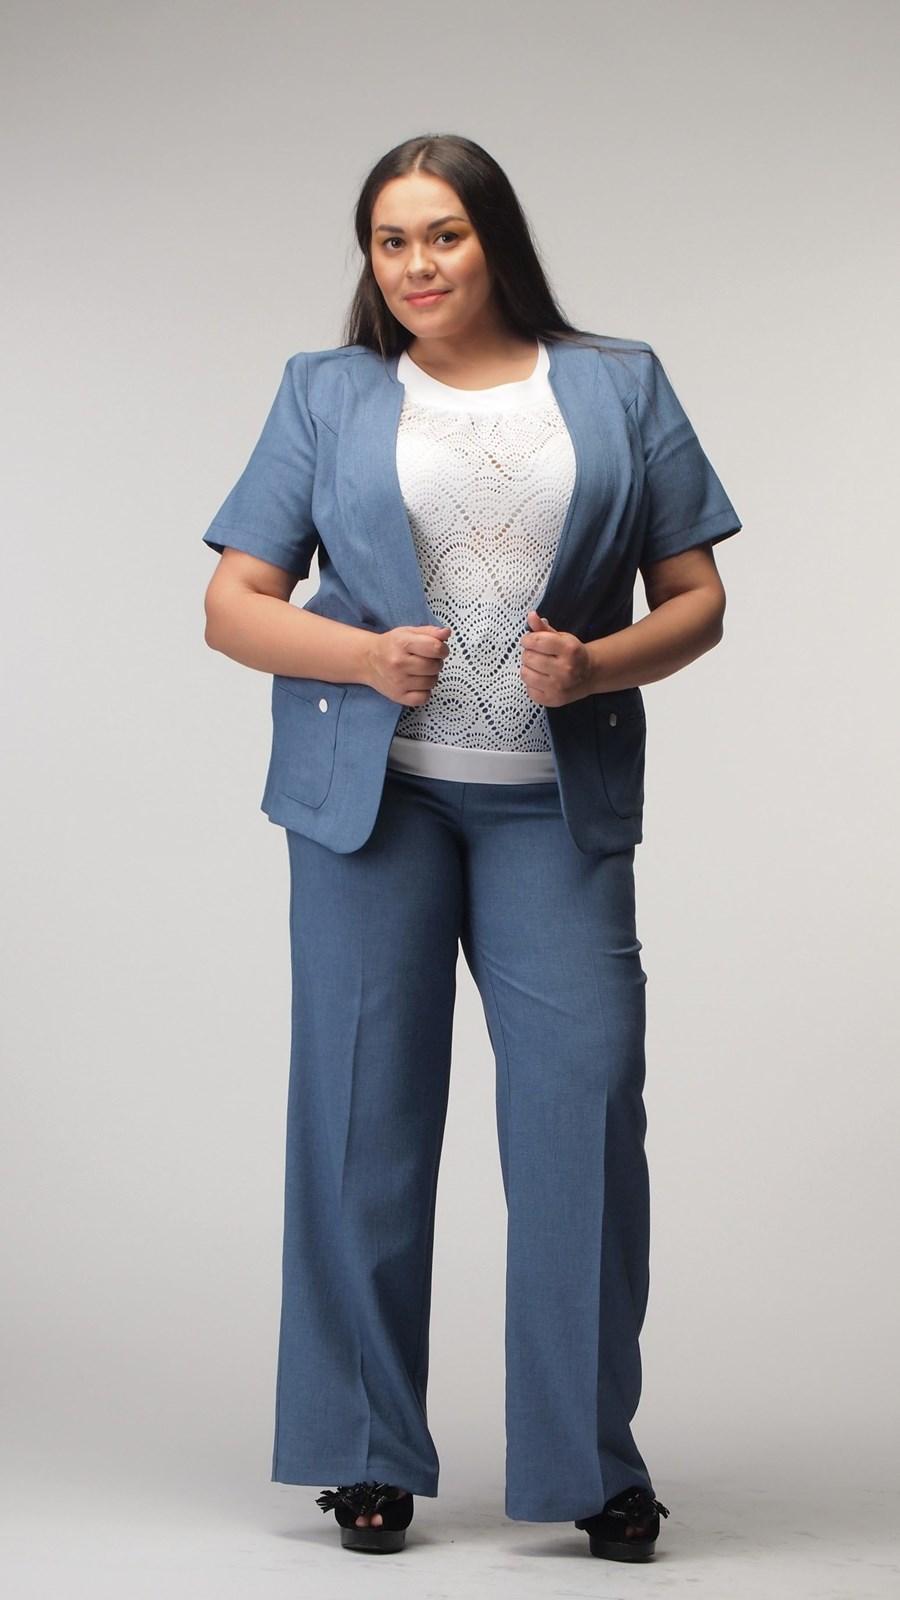 Бонприкс одежда больших размеров с доставкой